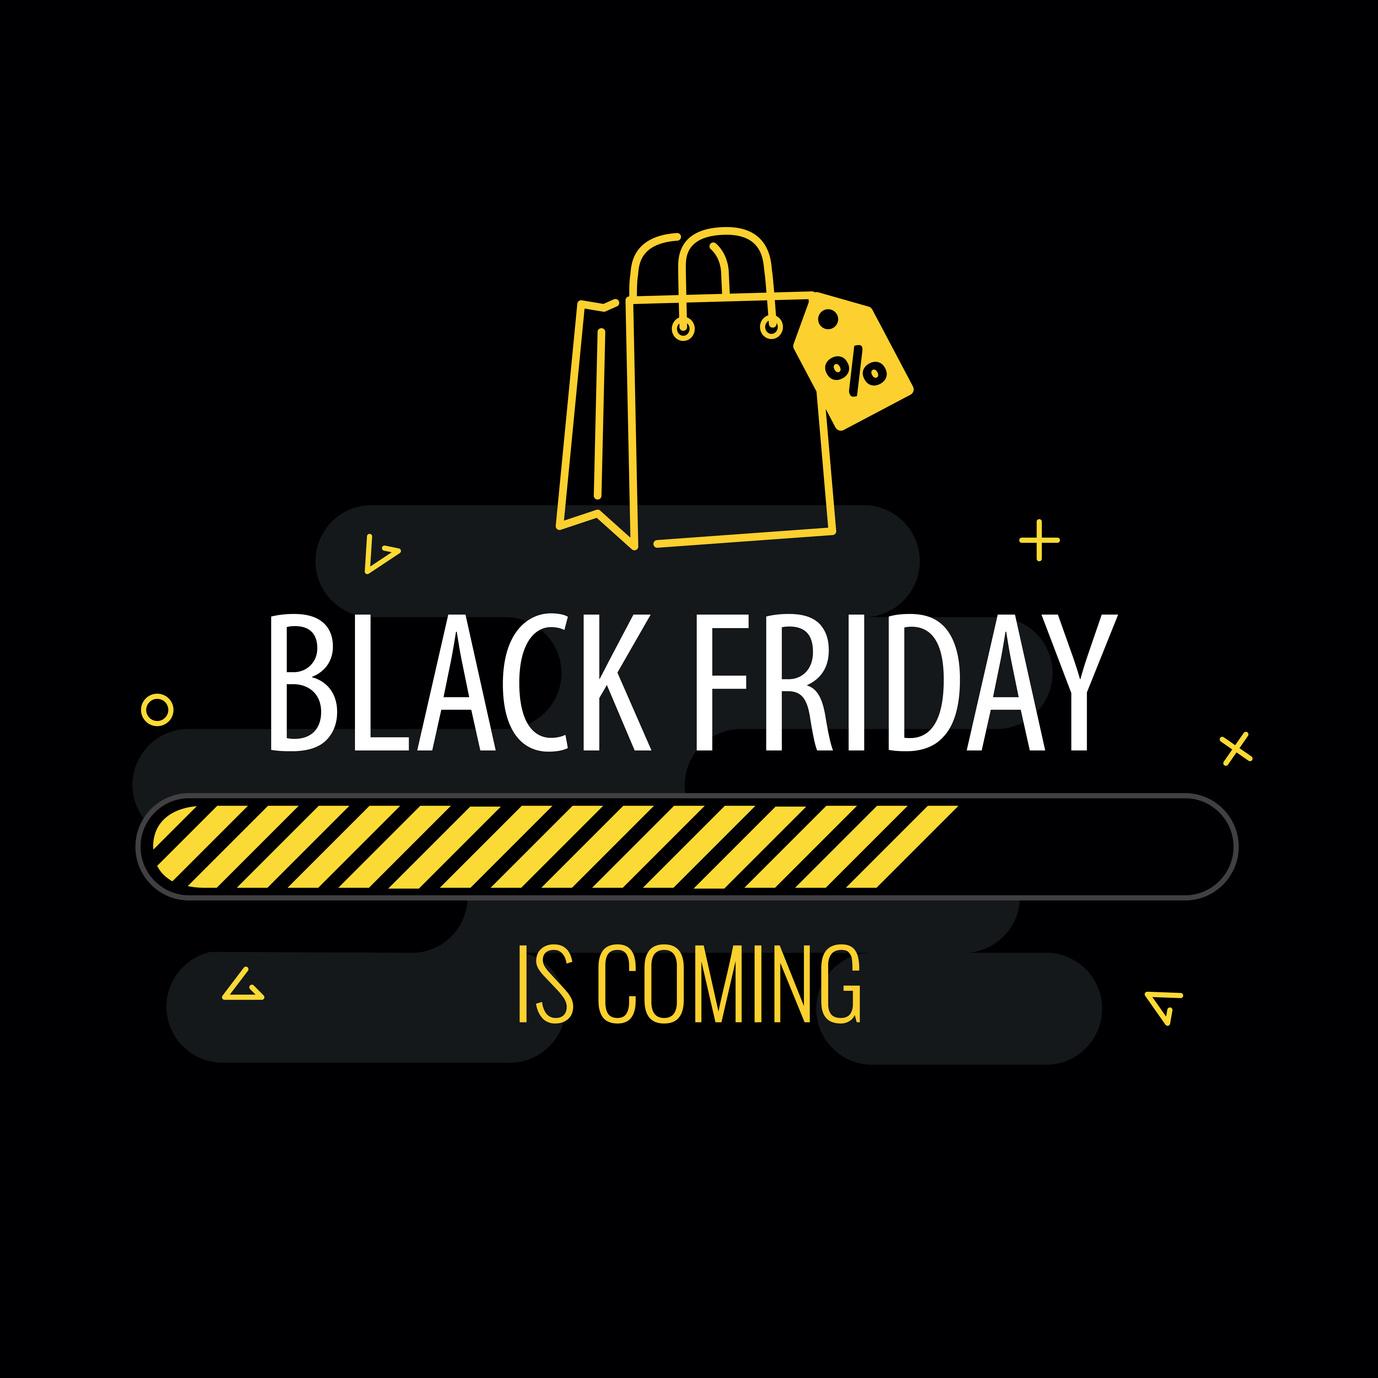 71760c542be9c6 Chociaż w branży e-commerce popularniejszą okazją do wyprzedaży powinien  być tzw. Cyber Monday, czyli dzień, w którym konsumenci mogą cieszyć się ...